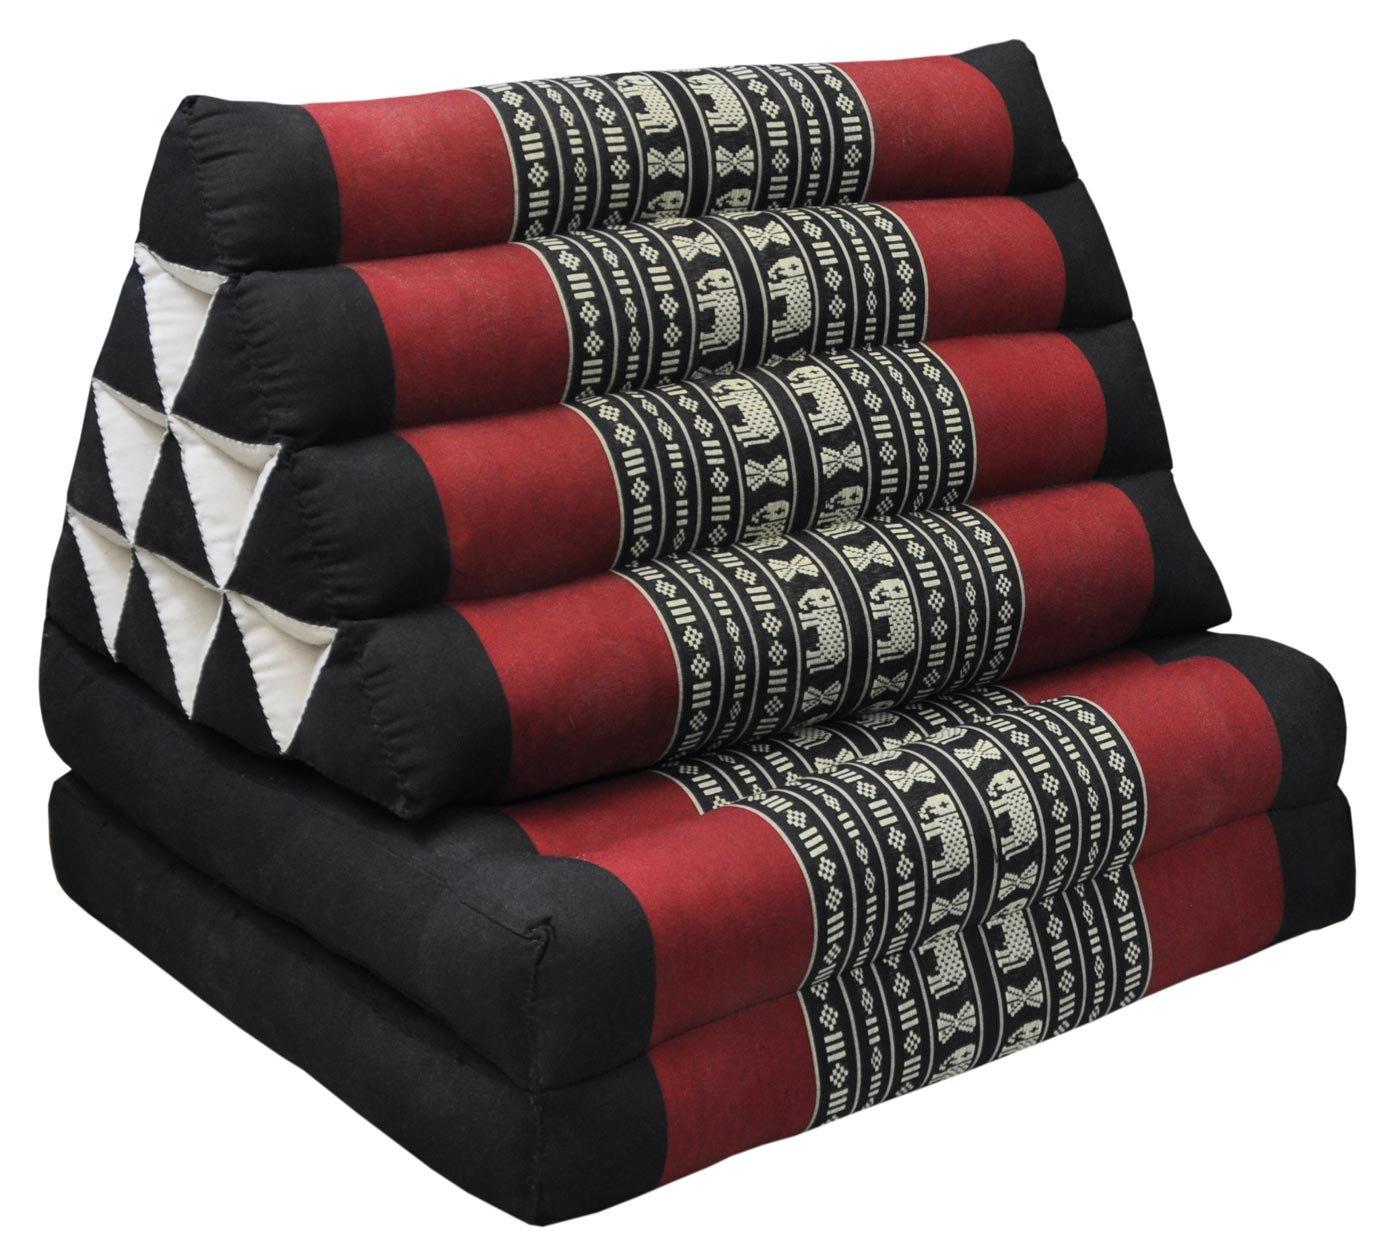 Wifash Cuscino triangolare tailandese con materasso 2parti pieghevoli, Nero/Rosso Con Elefanti (81602)